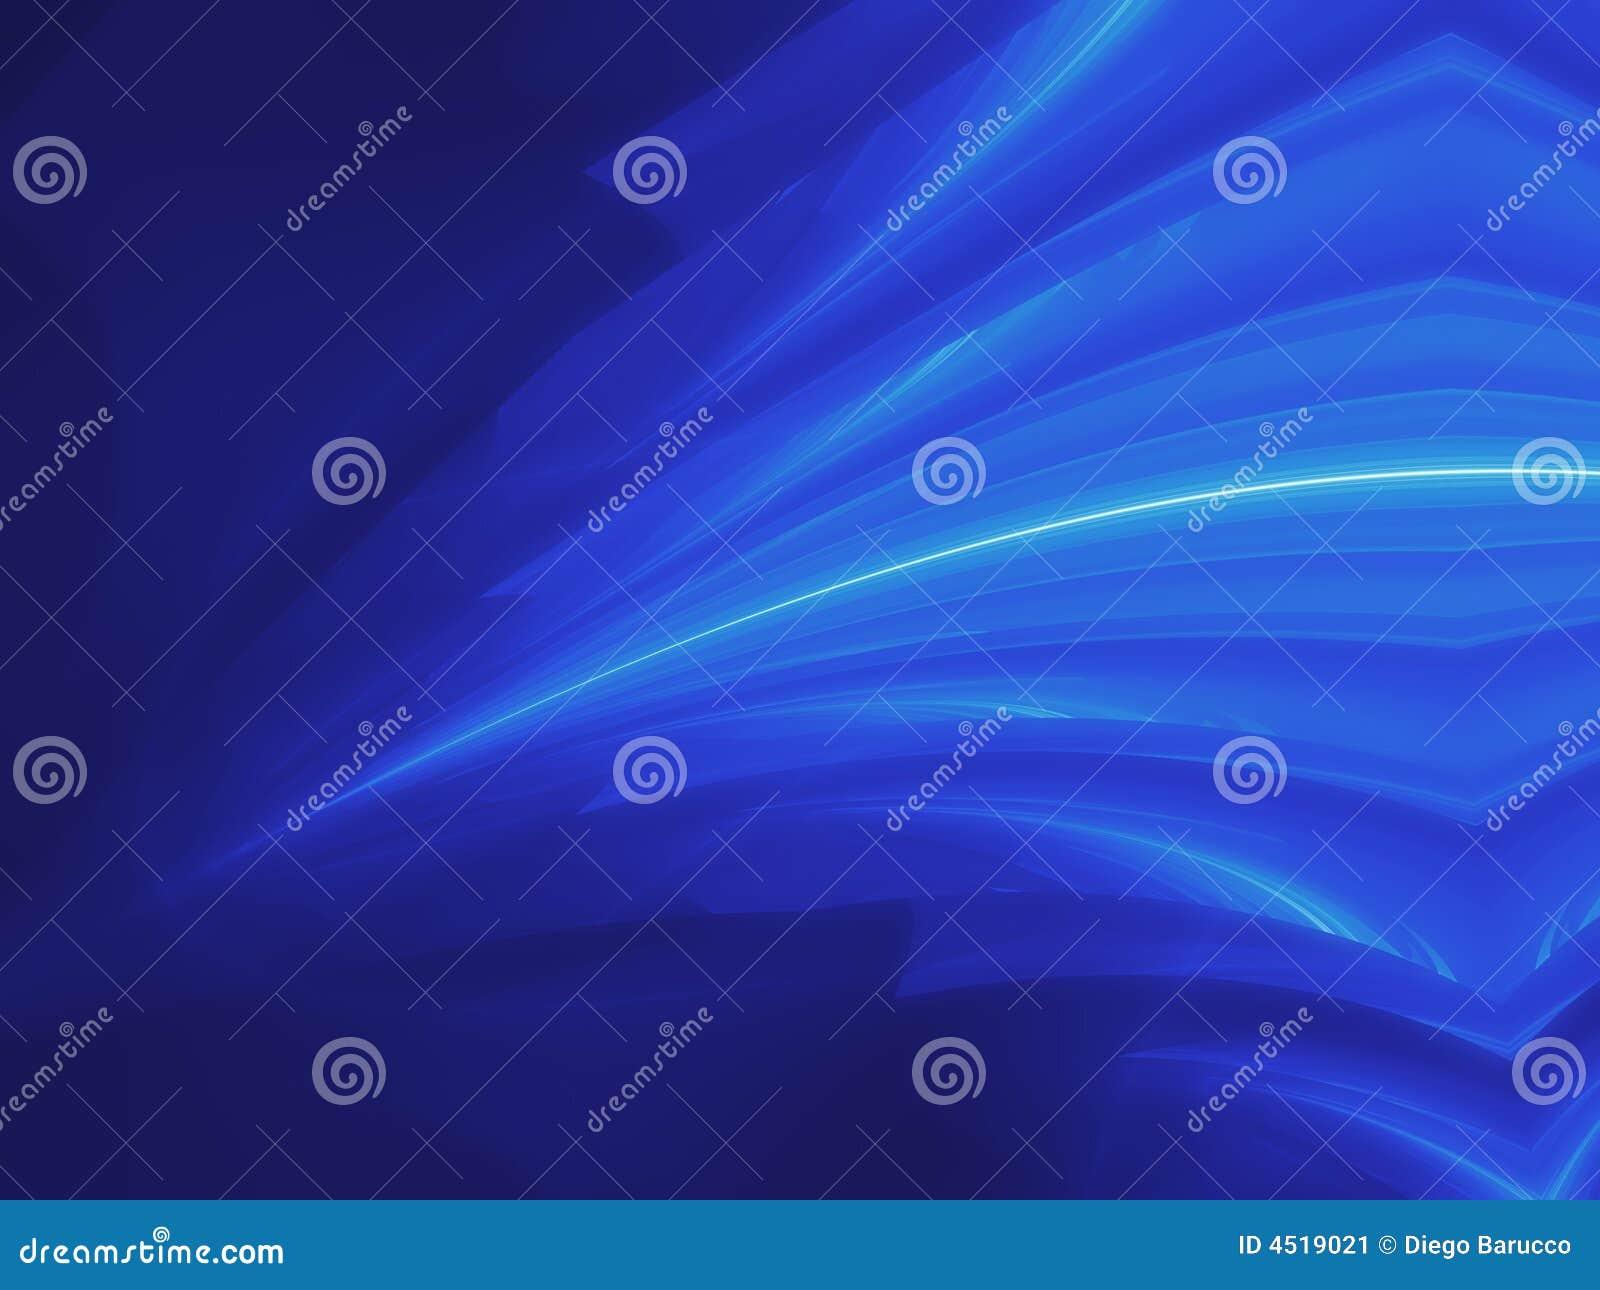 Modern hi tech design is a illustration for web application or desktop